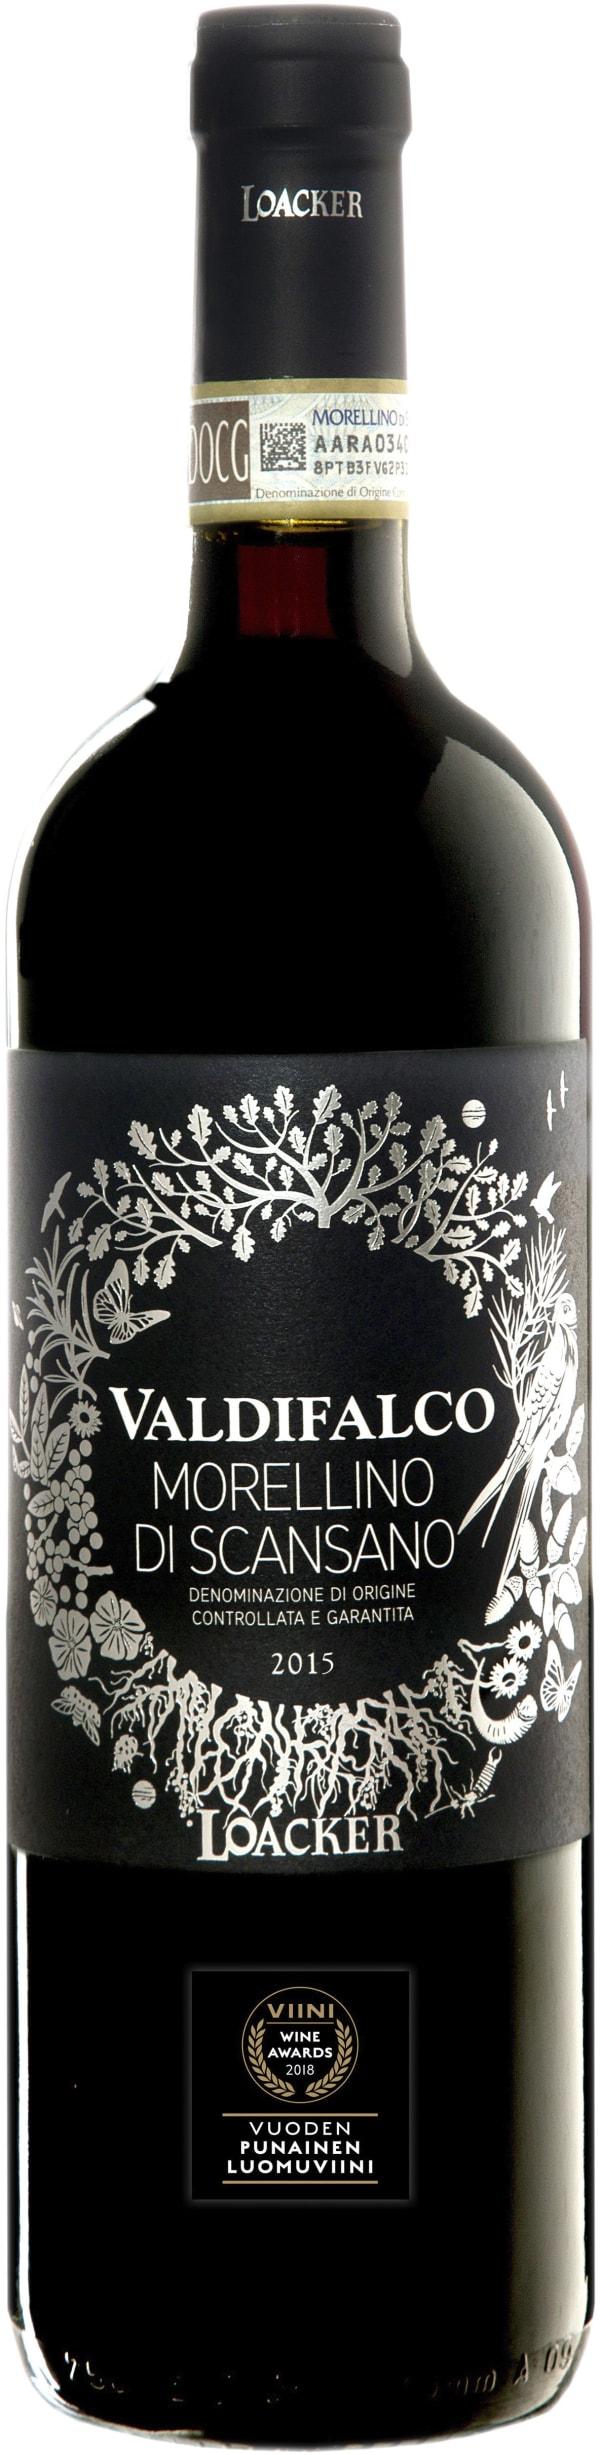 Valdifalco Morellino di Scansano 2014